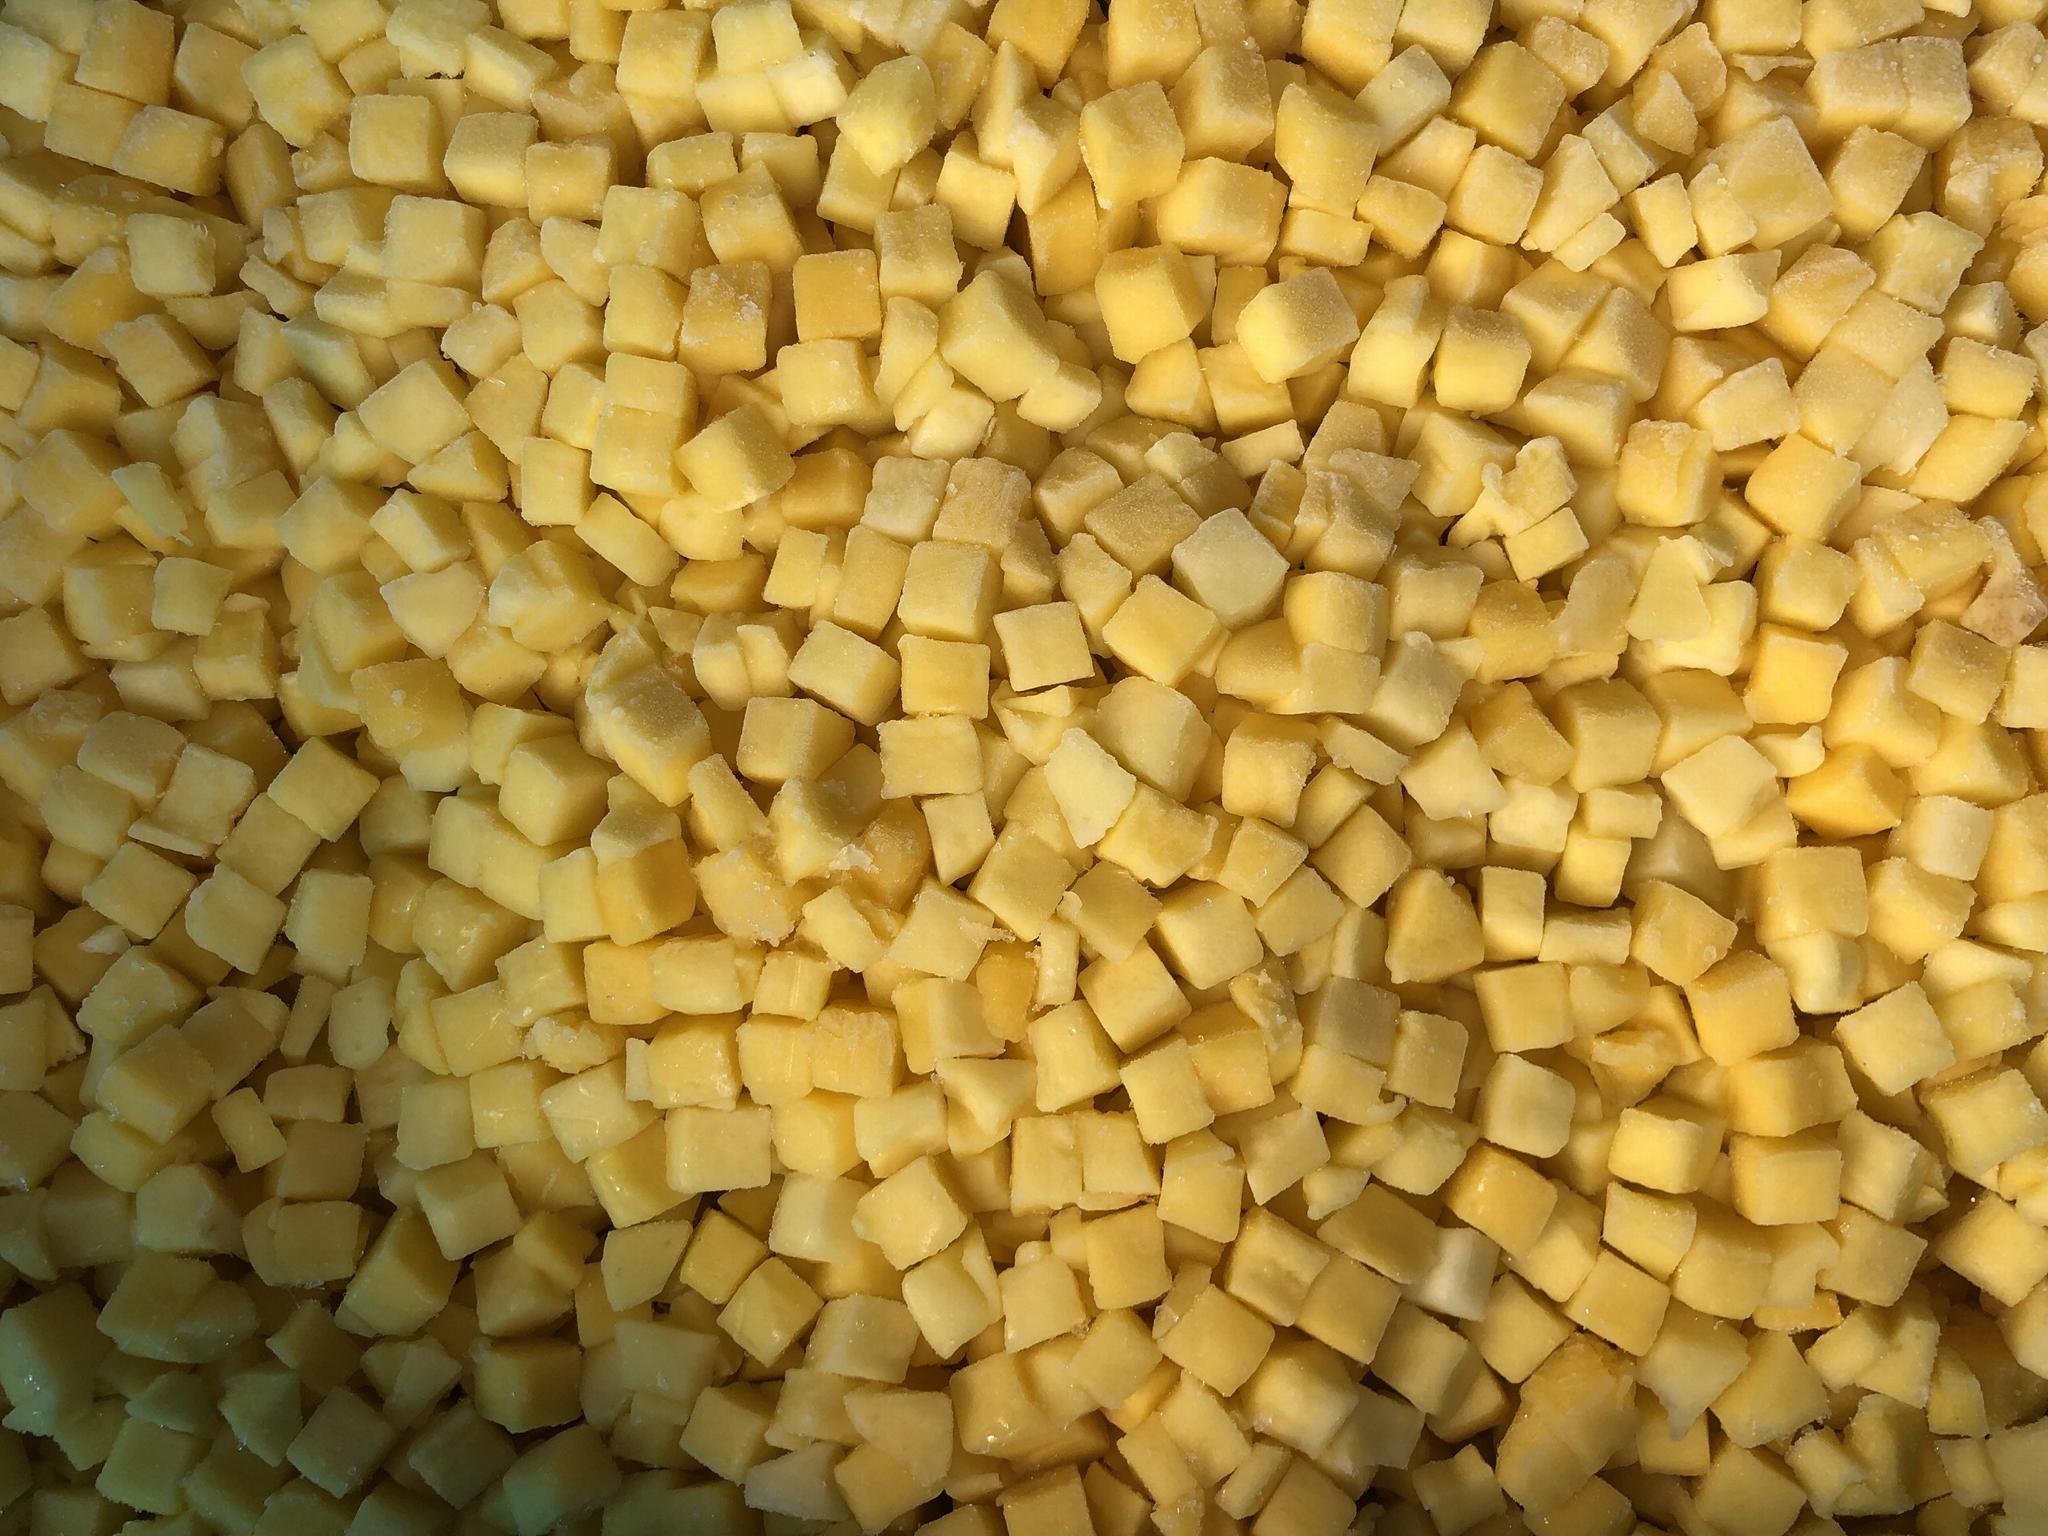 IQF mango flesh,IQF mango ha  es,IQF mango pieces,IQF mango chunks 5